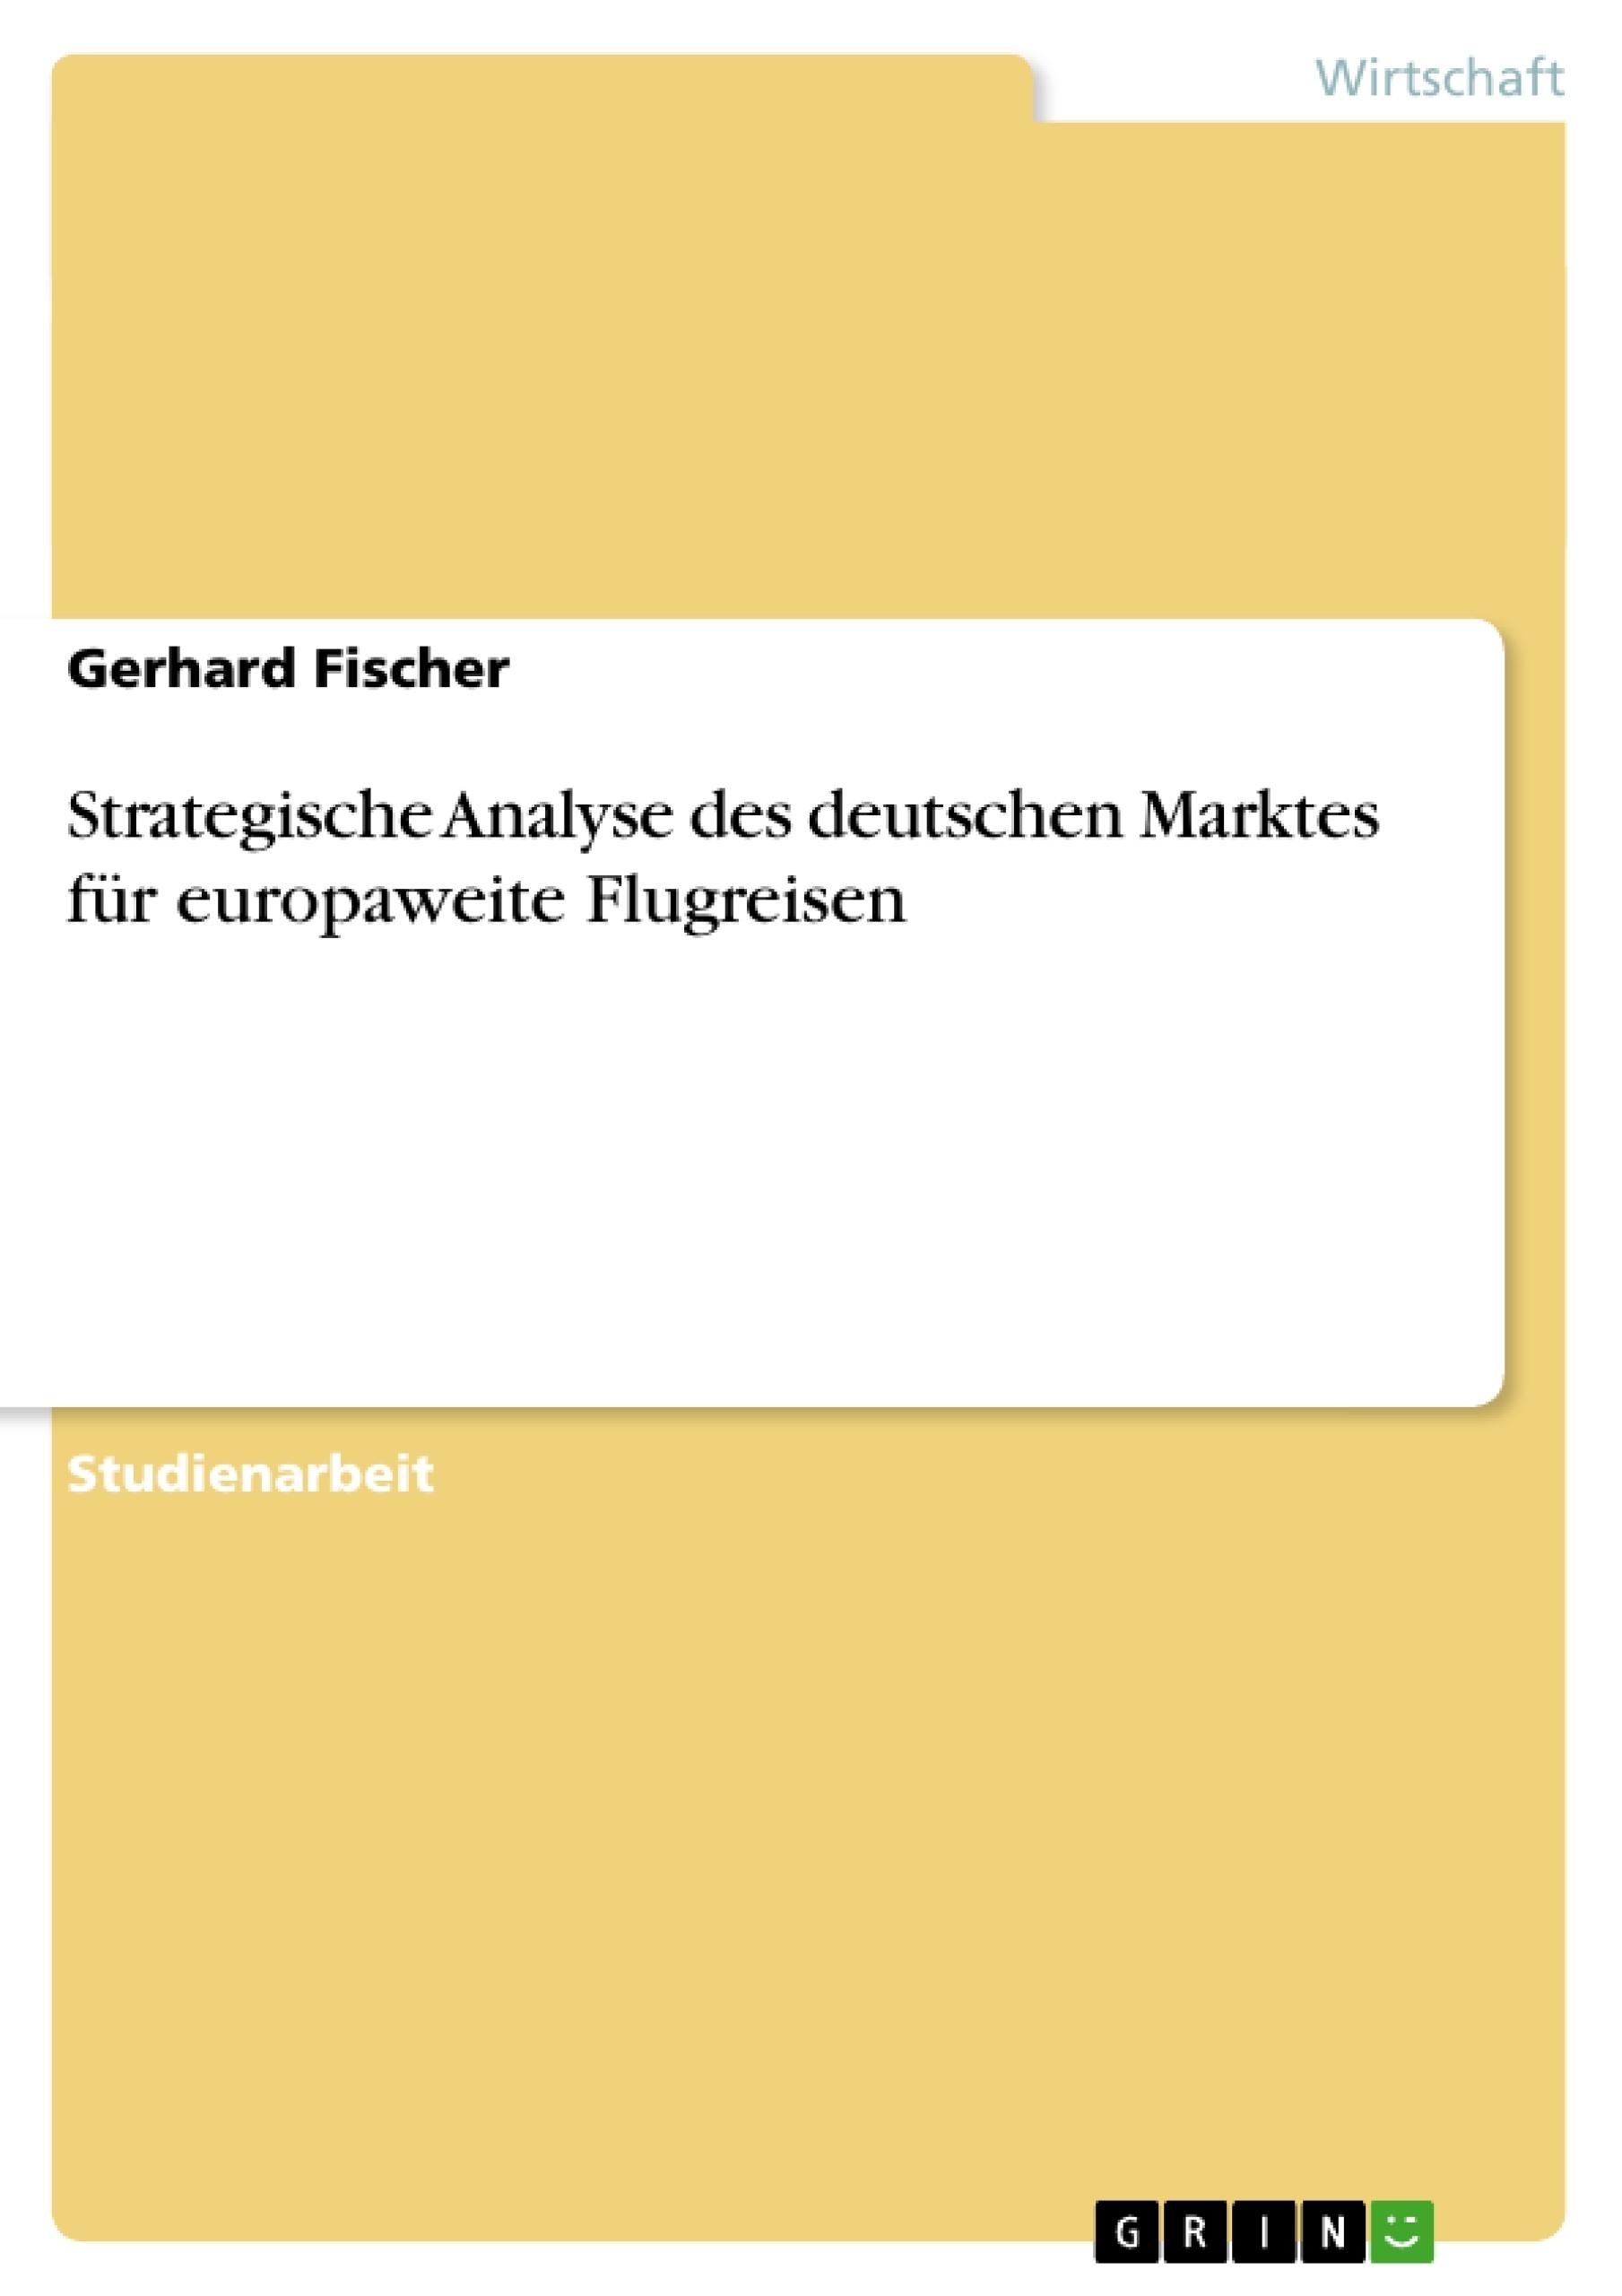 Titel: Strategische Analyse des deutschen Marktes für europaweite Flugreisen